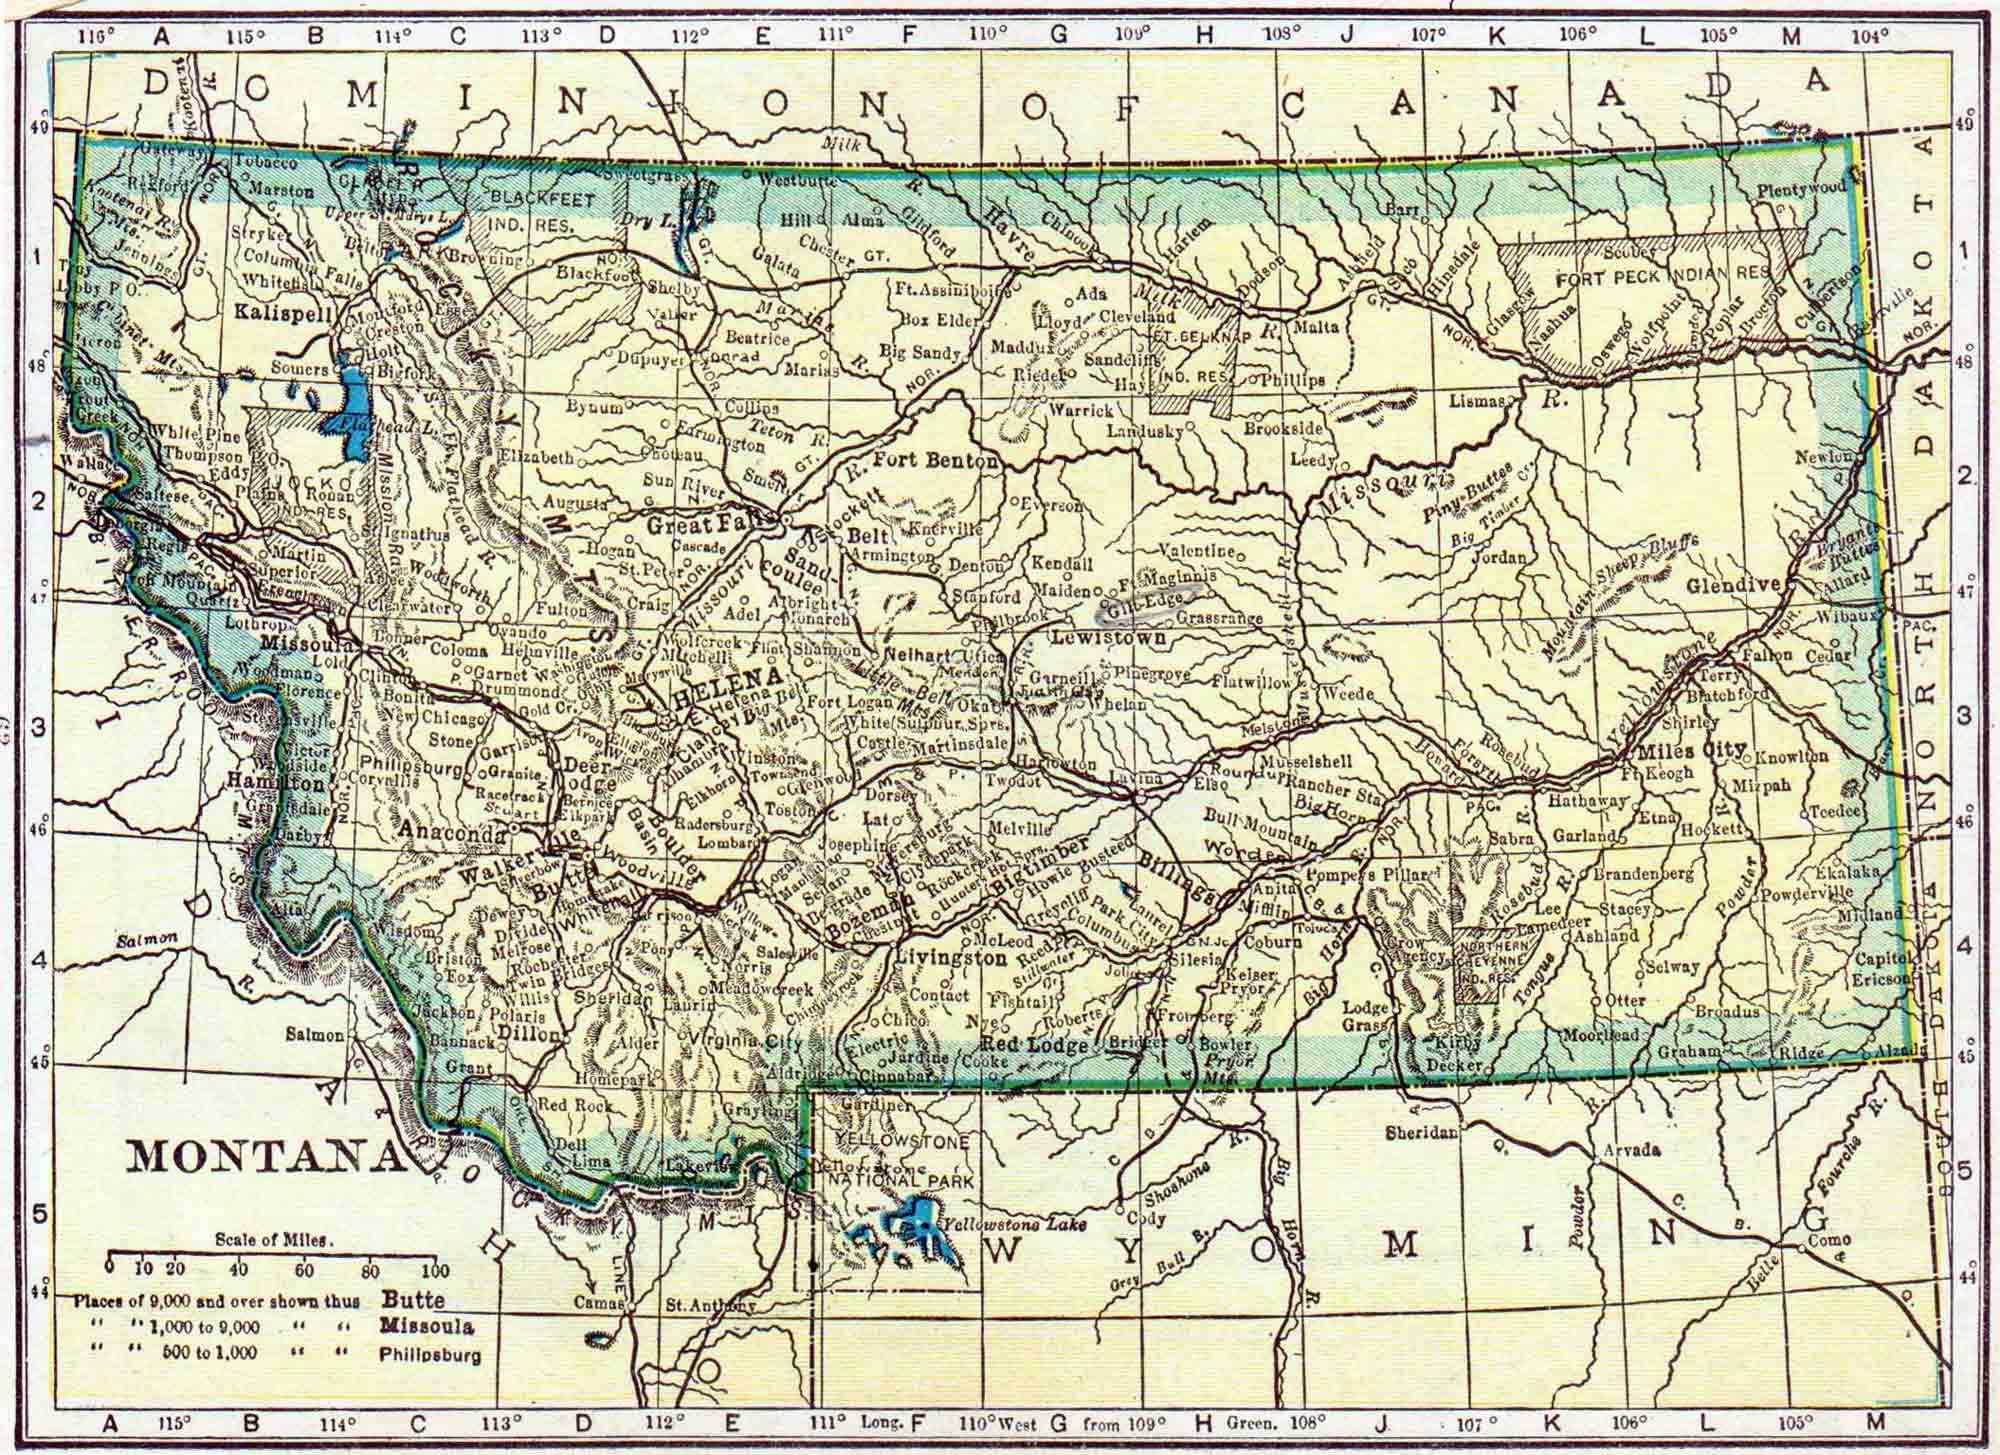 Montana Census Map Access Genealogy - Map of montana